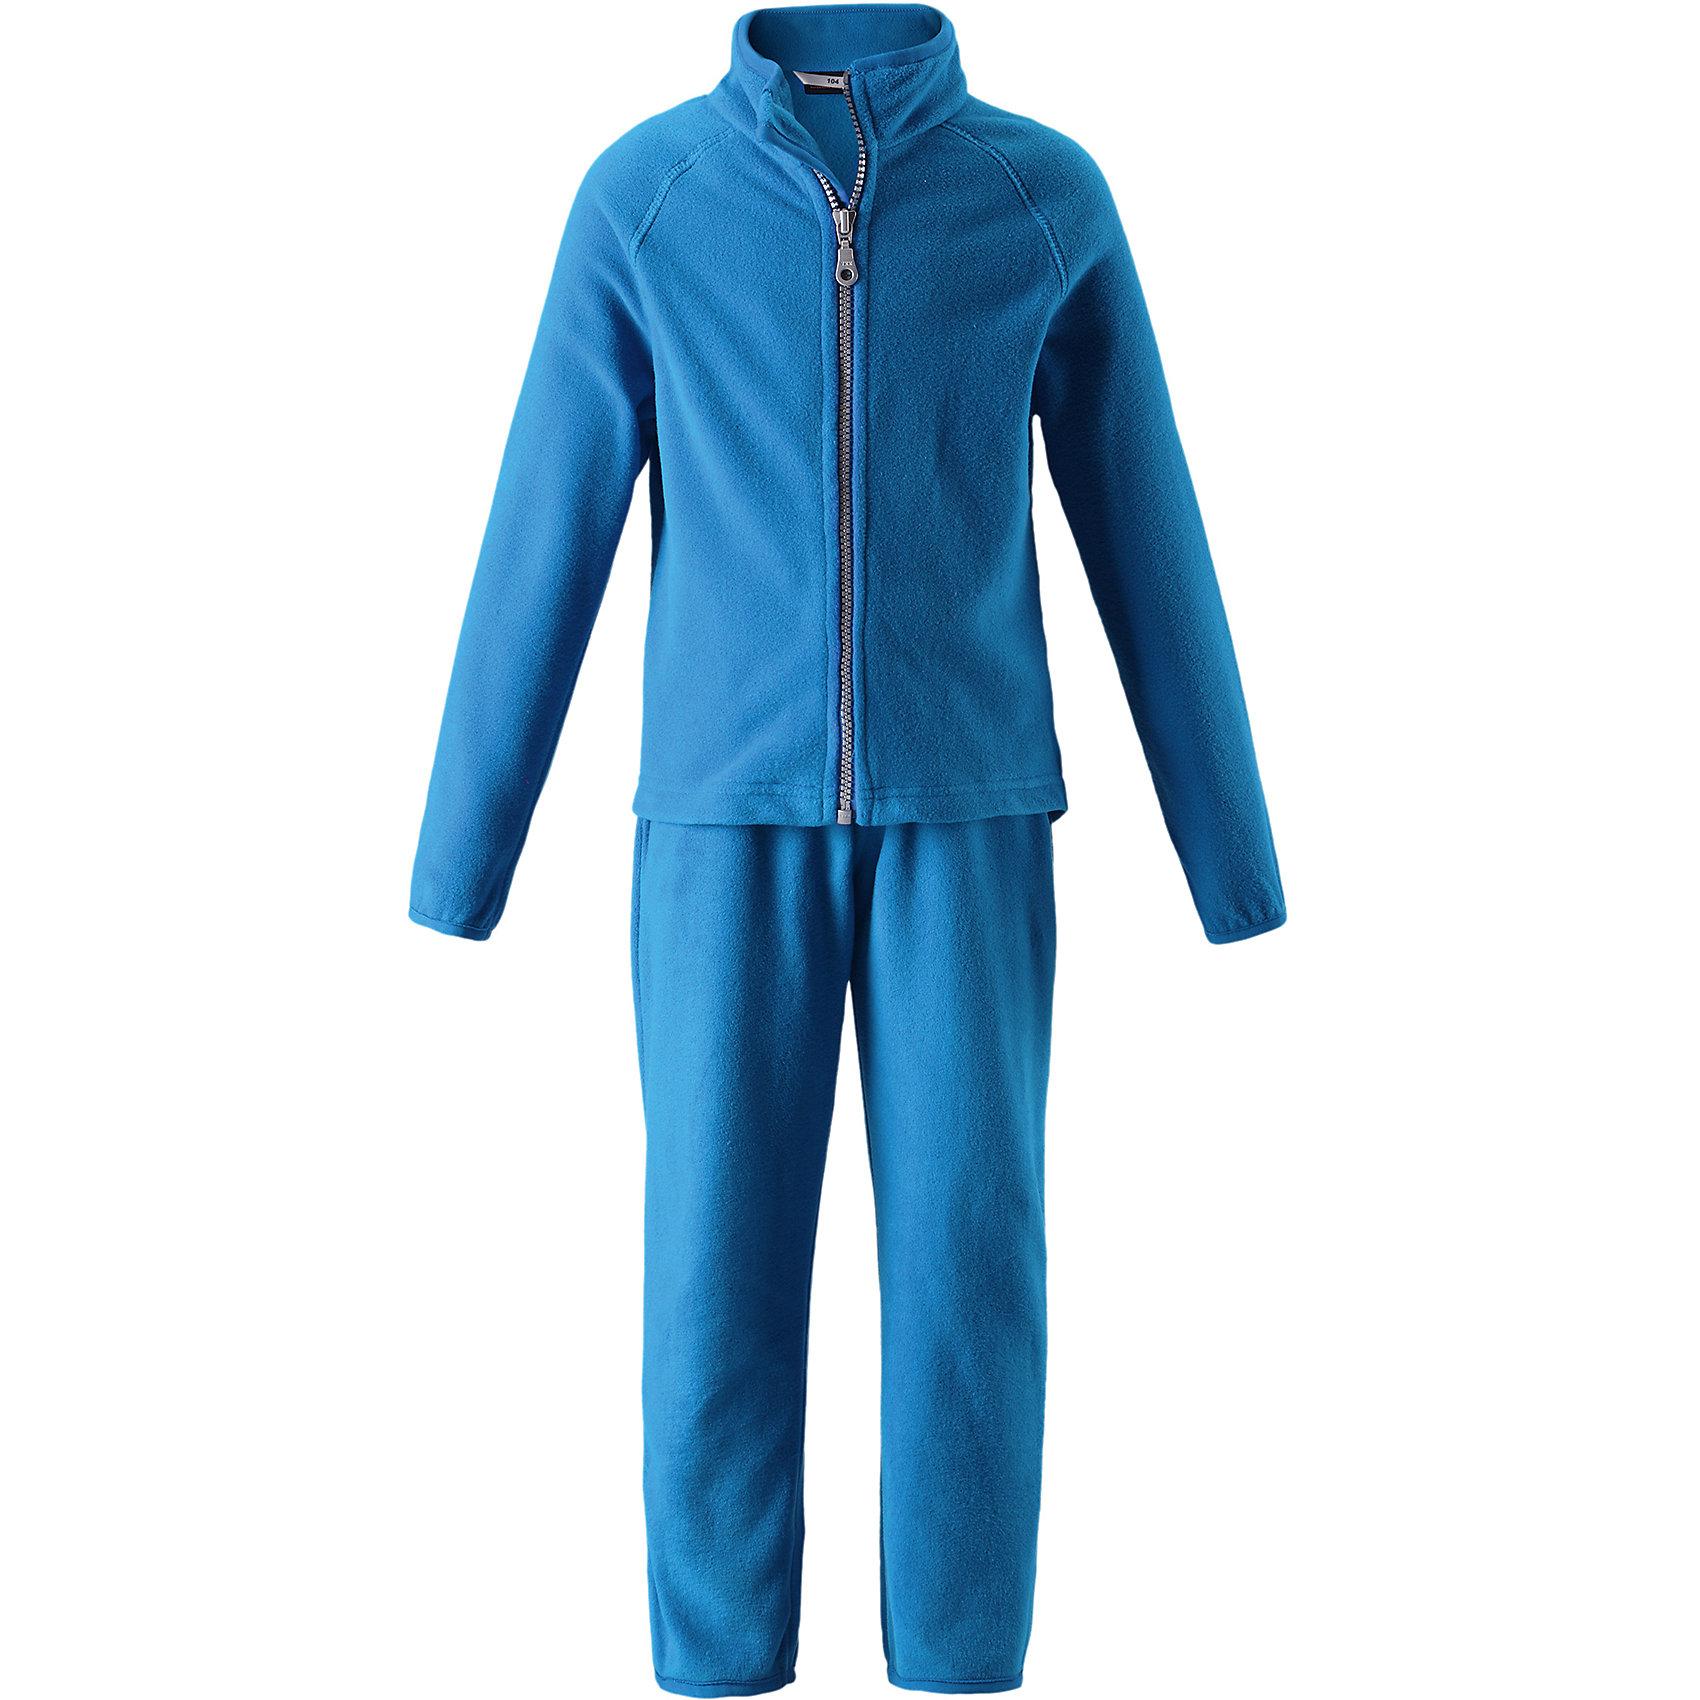 Флисовый комплект LassieФлис и термобелье<br>Характеристики товара:<br><br>• цвет: синий;<br>• состав: 100% полиэстер, флис 200 г/м2;<br>• сезон: зима;<br>• застежка: кофта на молнии, брюки на резинке;<br>• выводит влагу в верхние слои одежды;<br>• дышащий, теплый и быстросохнущий флис; <br>• молния с защитой подбородка от защемления;<br>• эластичные манжеты на рукавах и брючинах; <br>• эластичный воротник и талия;<br>• страна бренда: Финляндия;<br>• страна изготовитель: Китай;<br><br>Флисовый комплект состоит из кофты и шатнишек. Кофта застегивается на молнию по всей длине, молния с защитой подбородка от защемления. Брюки на эластичной мягкой резинке, которая не давит.<br><br>Флисовый комплект Lassie (Ласси) можно купить в нашем интернет-магазине.<br><br>Ширина мм: 190<br>Глубина мм: 74<br>Высота мм: 229<br>Вес г: 236<br>Цвет: синий<br>Возраст от месяцев: 108<br>Возраст до месяцев: 120<br>Пол: Унисекс<br>Возраст: Детский<br>Размер: 140,92,98,104,110,116,134,122,128<br>SKU: 6927931